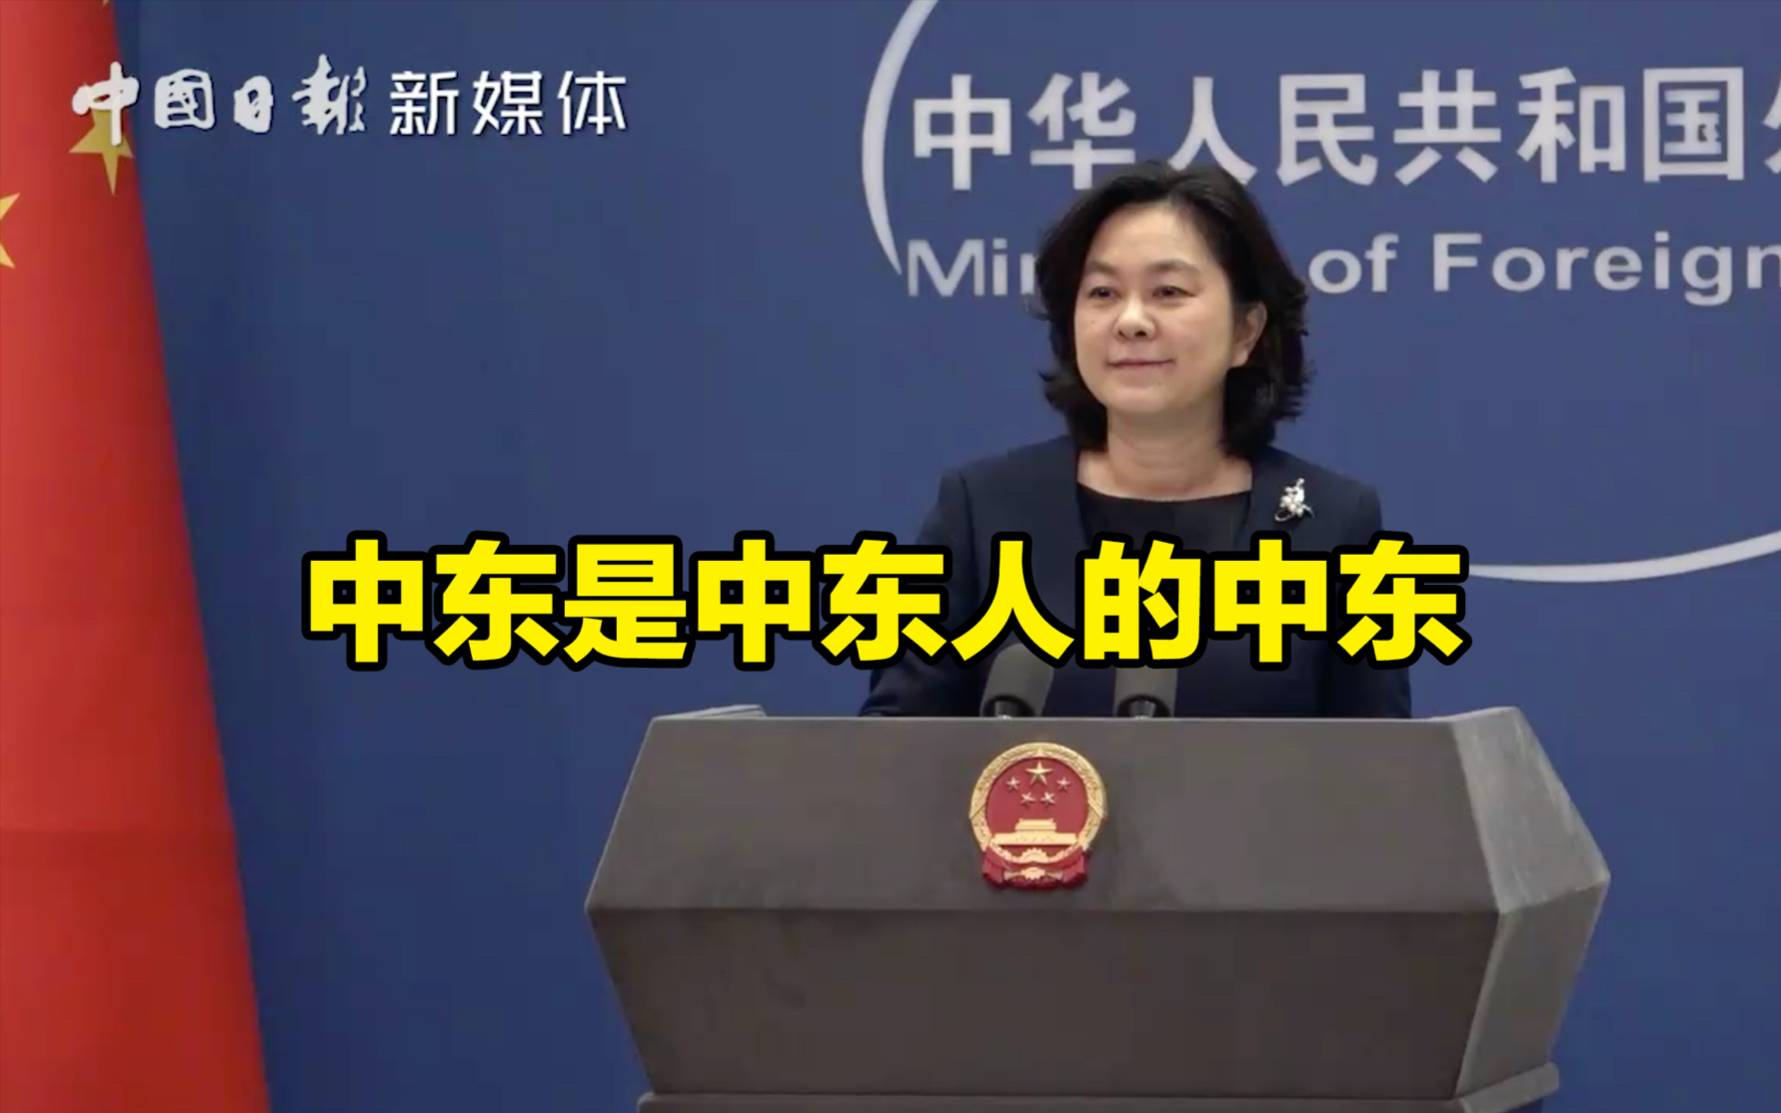 中国将增加在中东地区的影响力?外交部:中东是中东人的中东